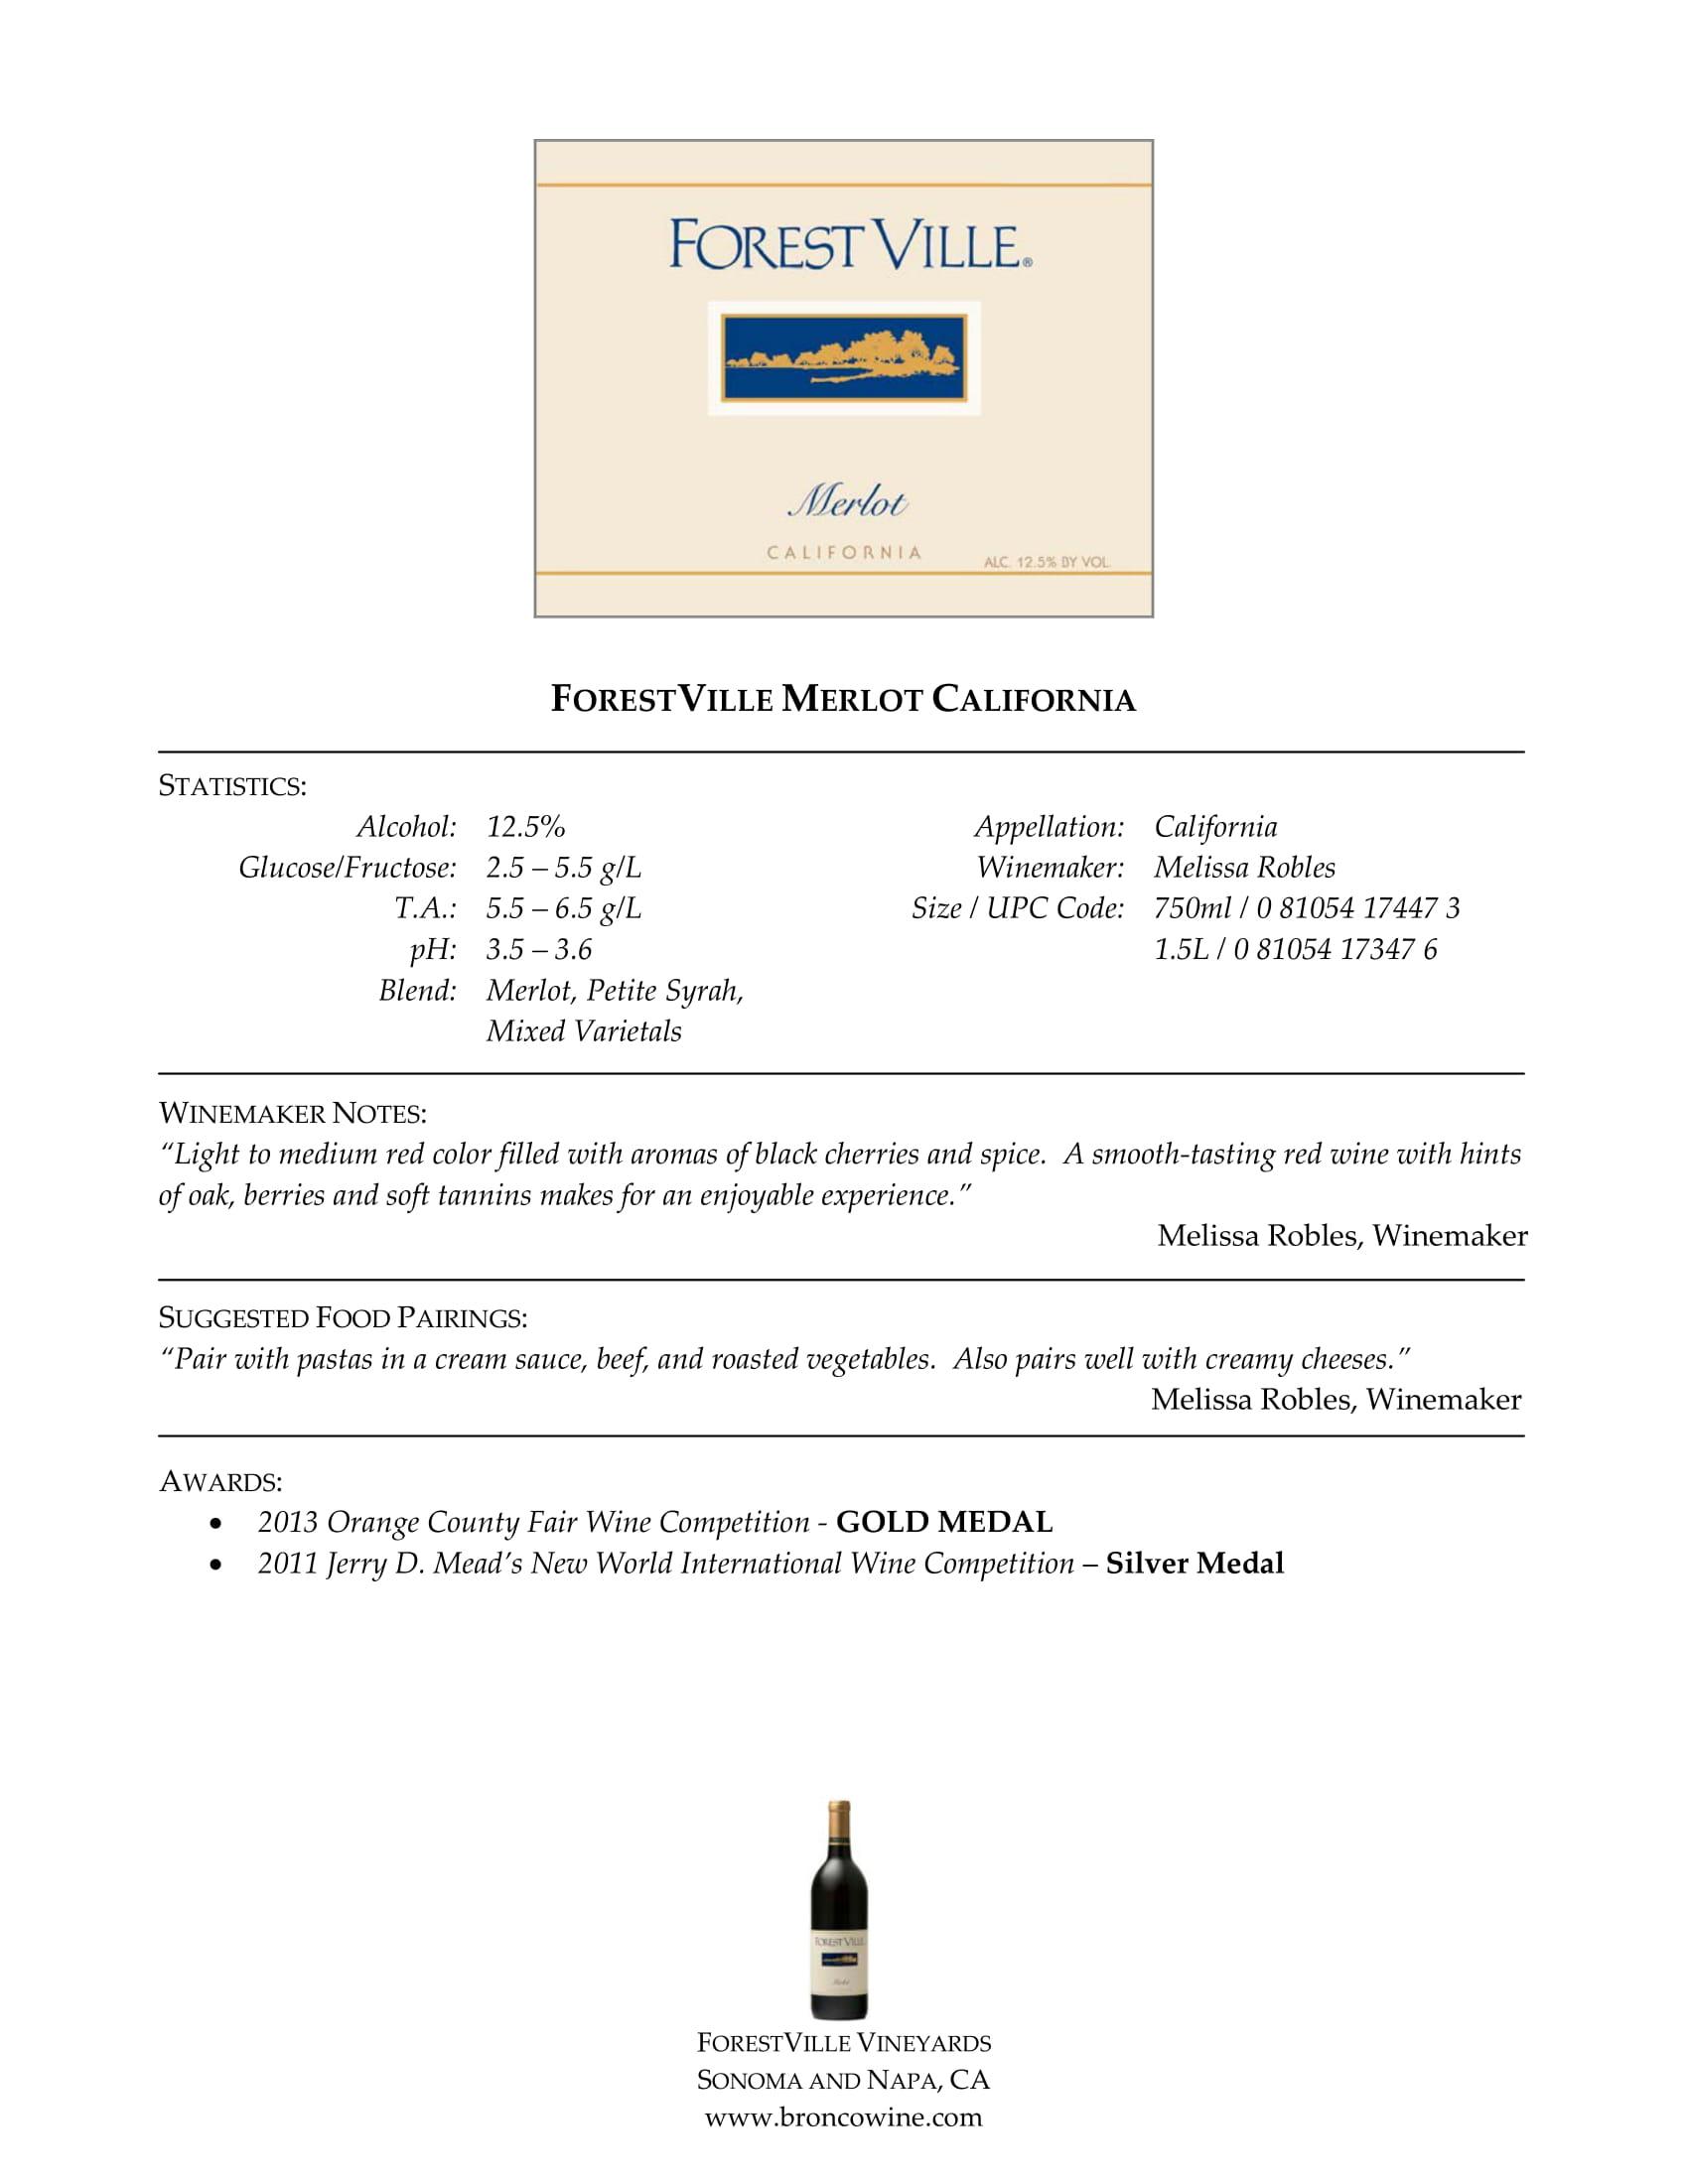 Forest Ville Merlot Tech Sheet